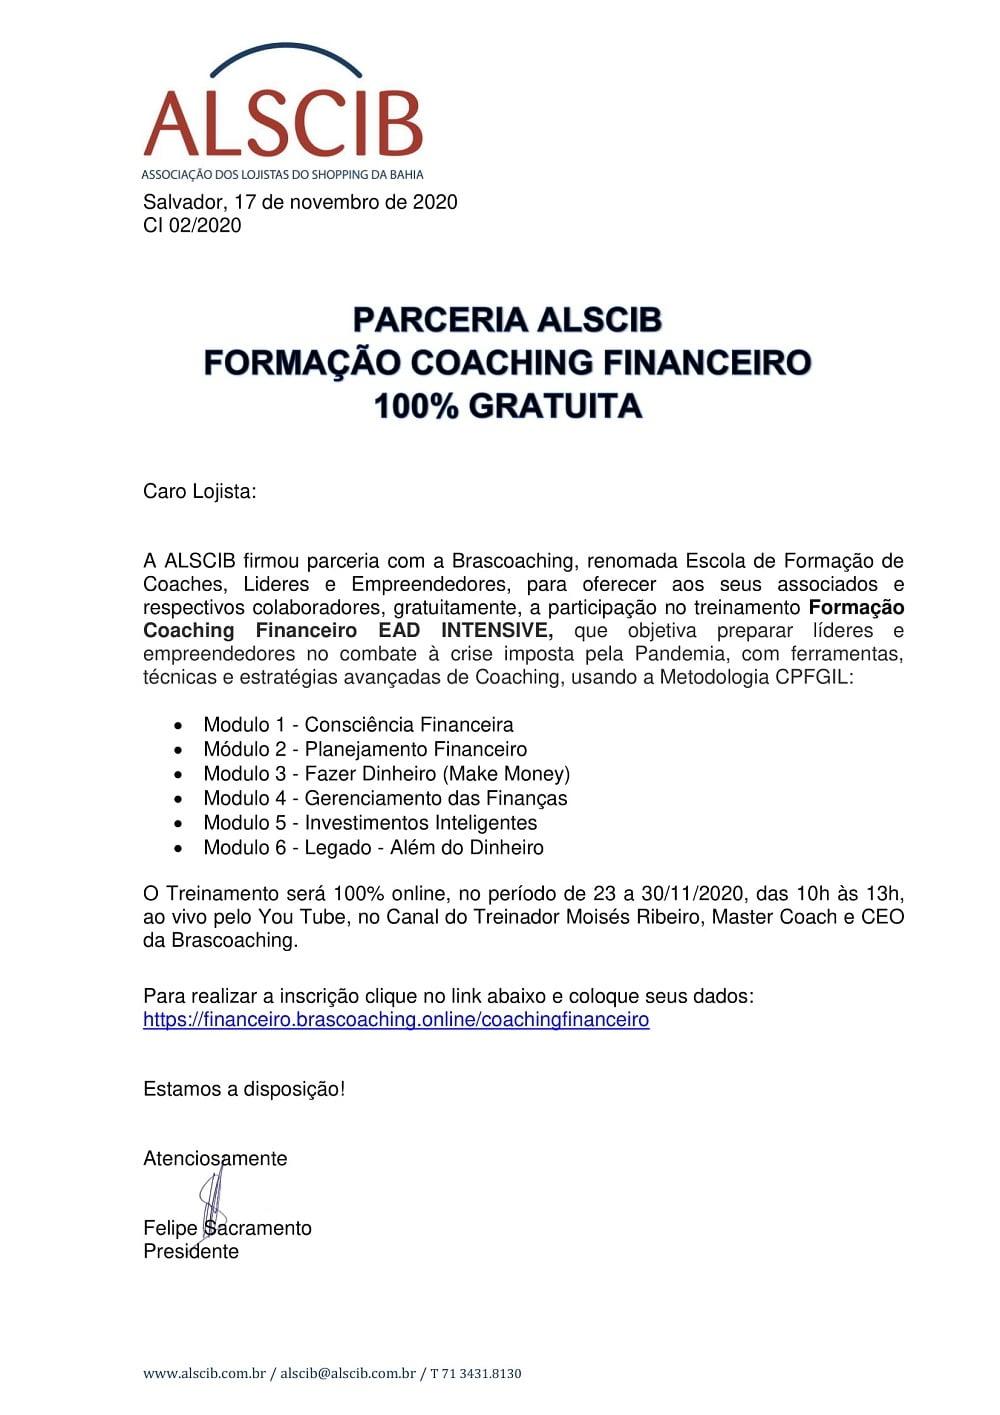 Parceria ALSCIB - Formação Coaching Financeiro - 100% gratuita